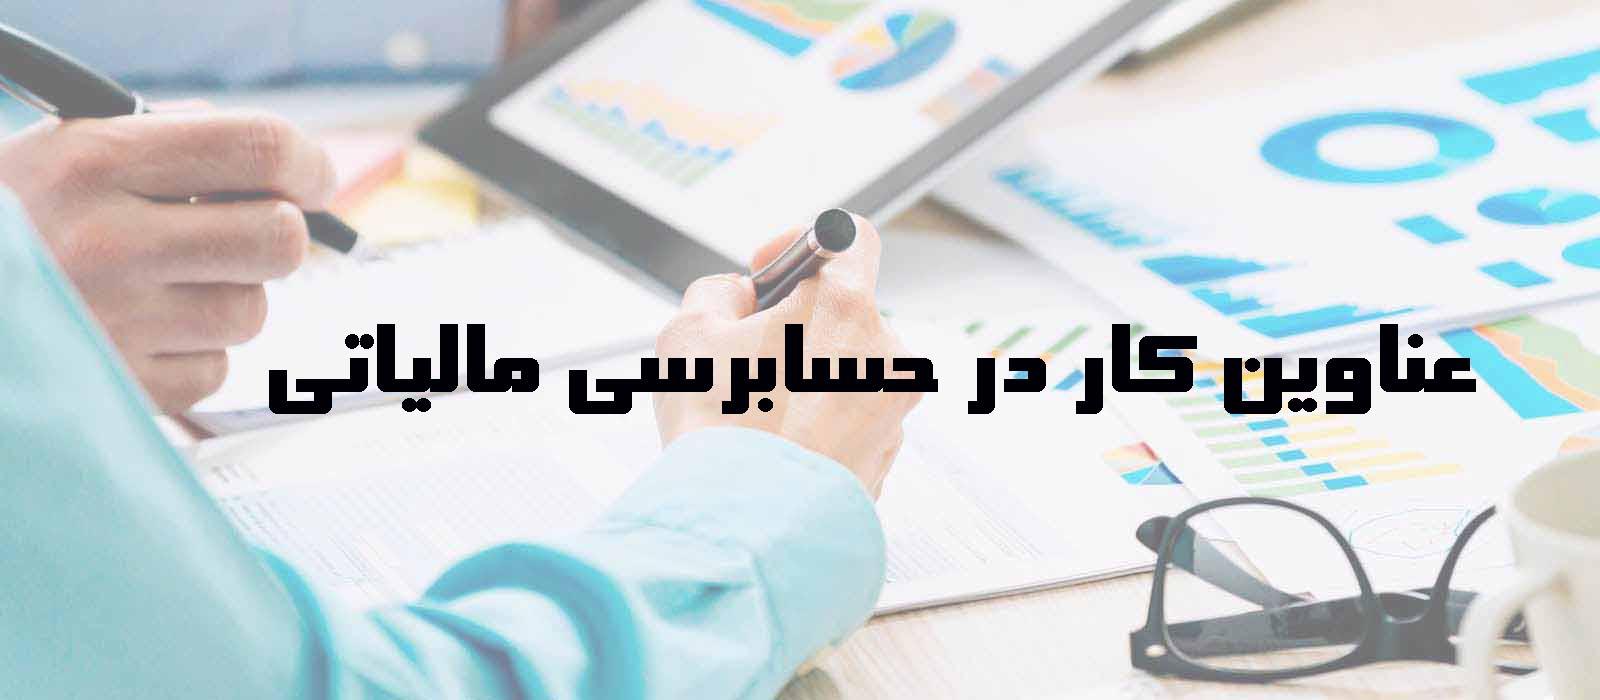 عناوین کار در حسابرسی مالیاتی